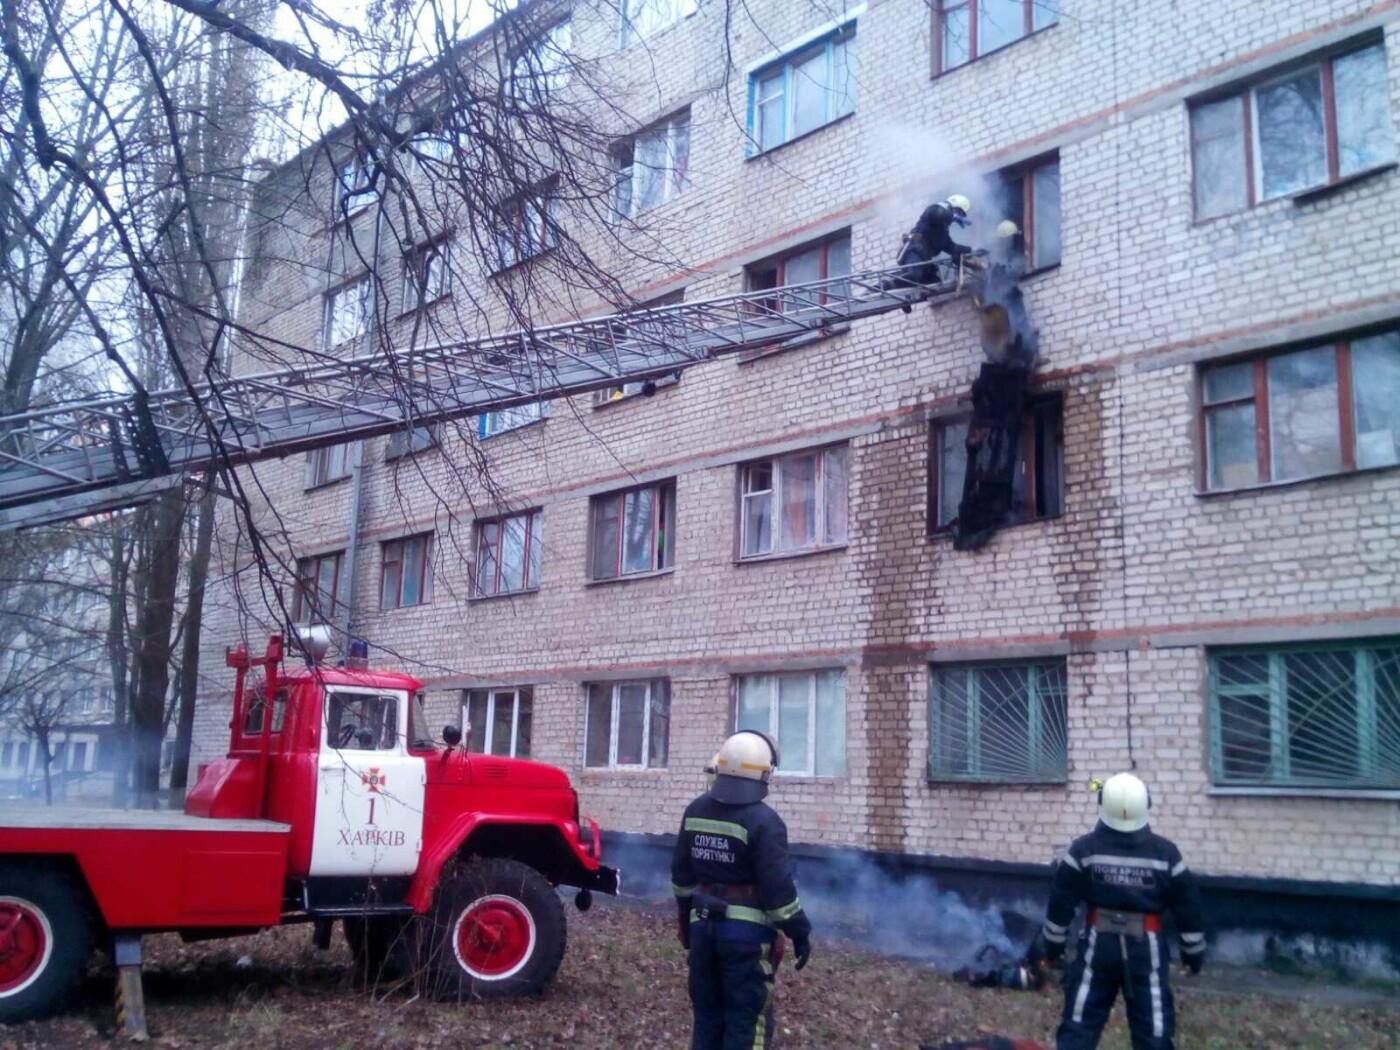 В Харькове загорелось студенческое общежитие: спасатели эвакуировали более полусотни человек, - ФОТО, ВИДЕО, фото-1